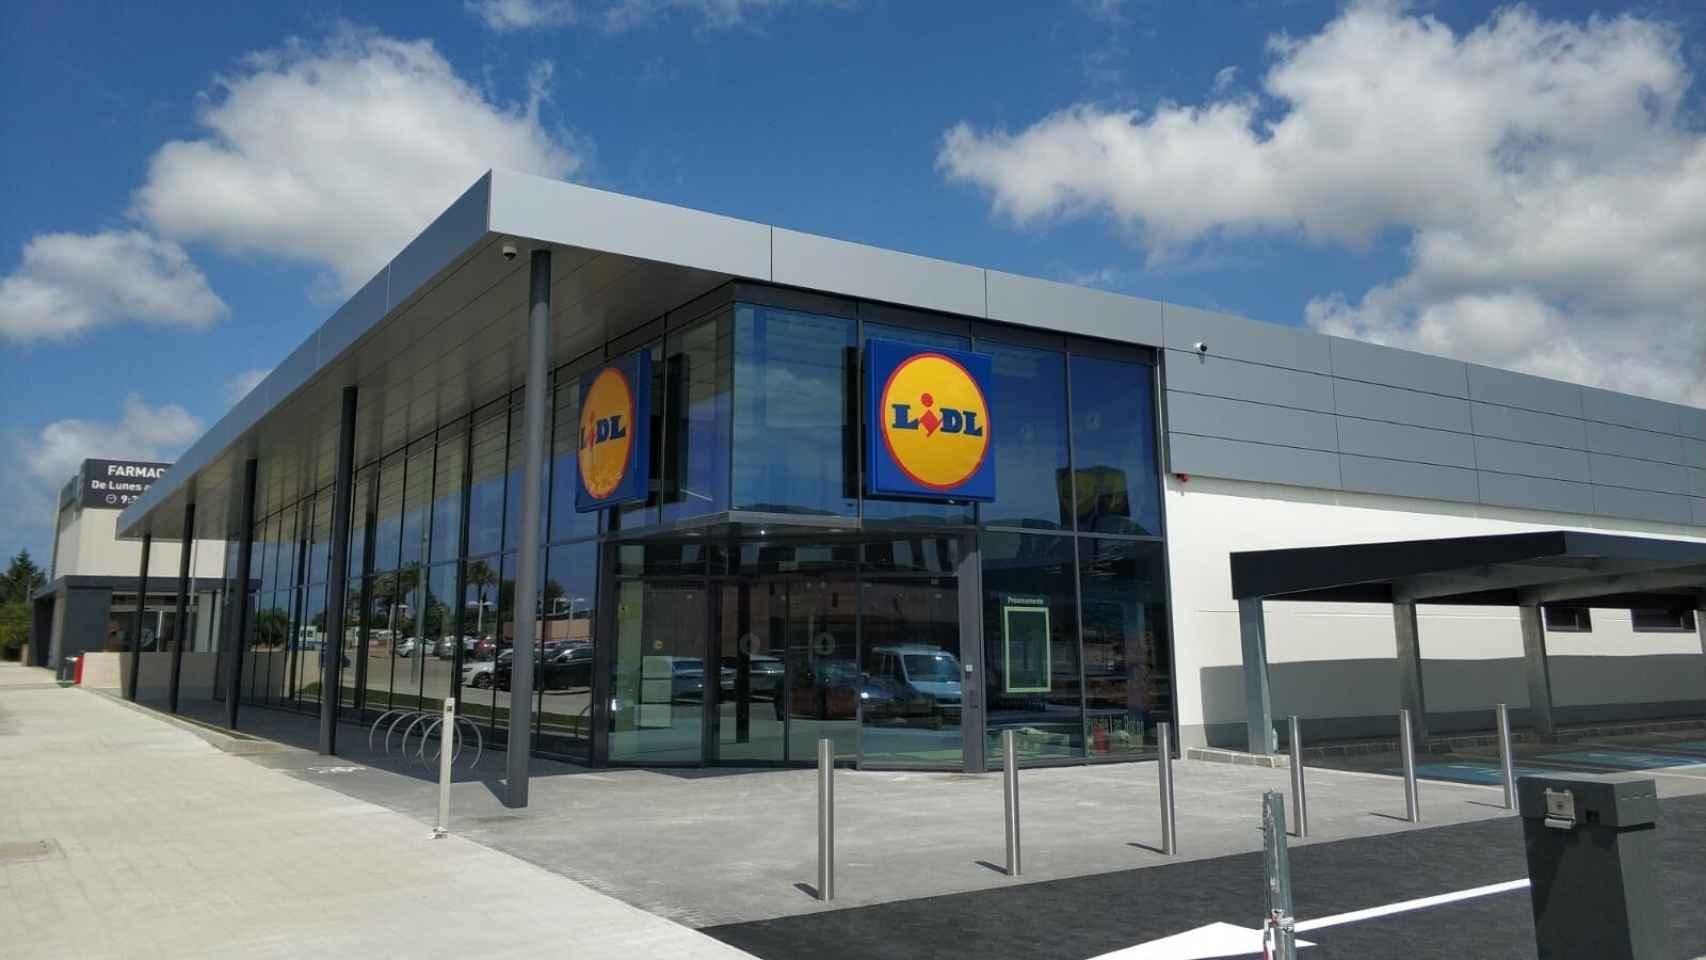 Un supermercado de Lidl.